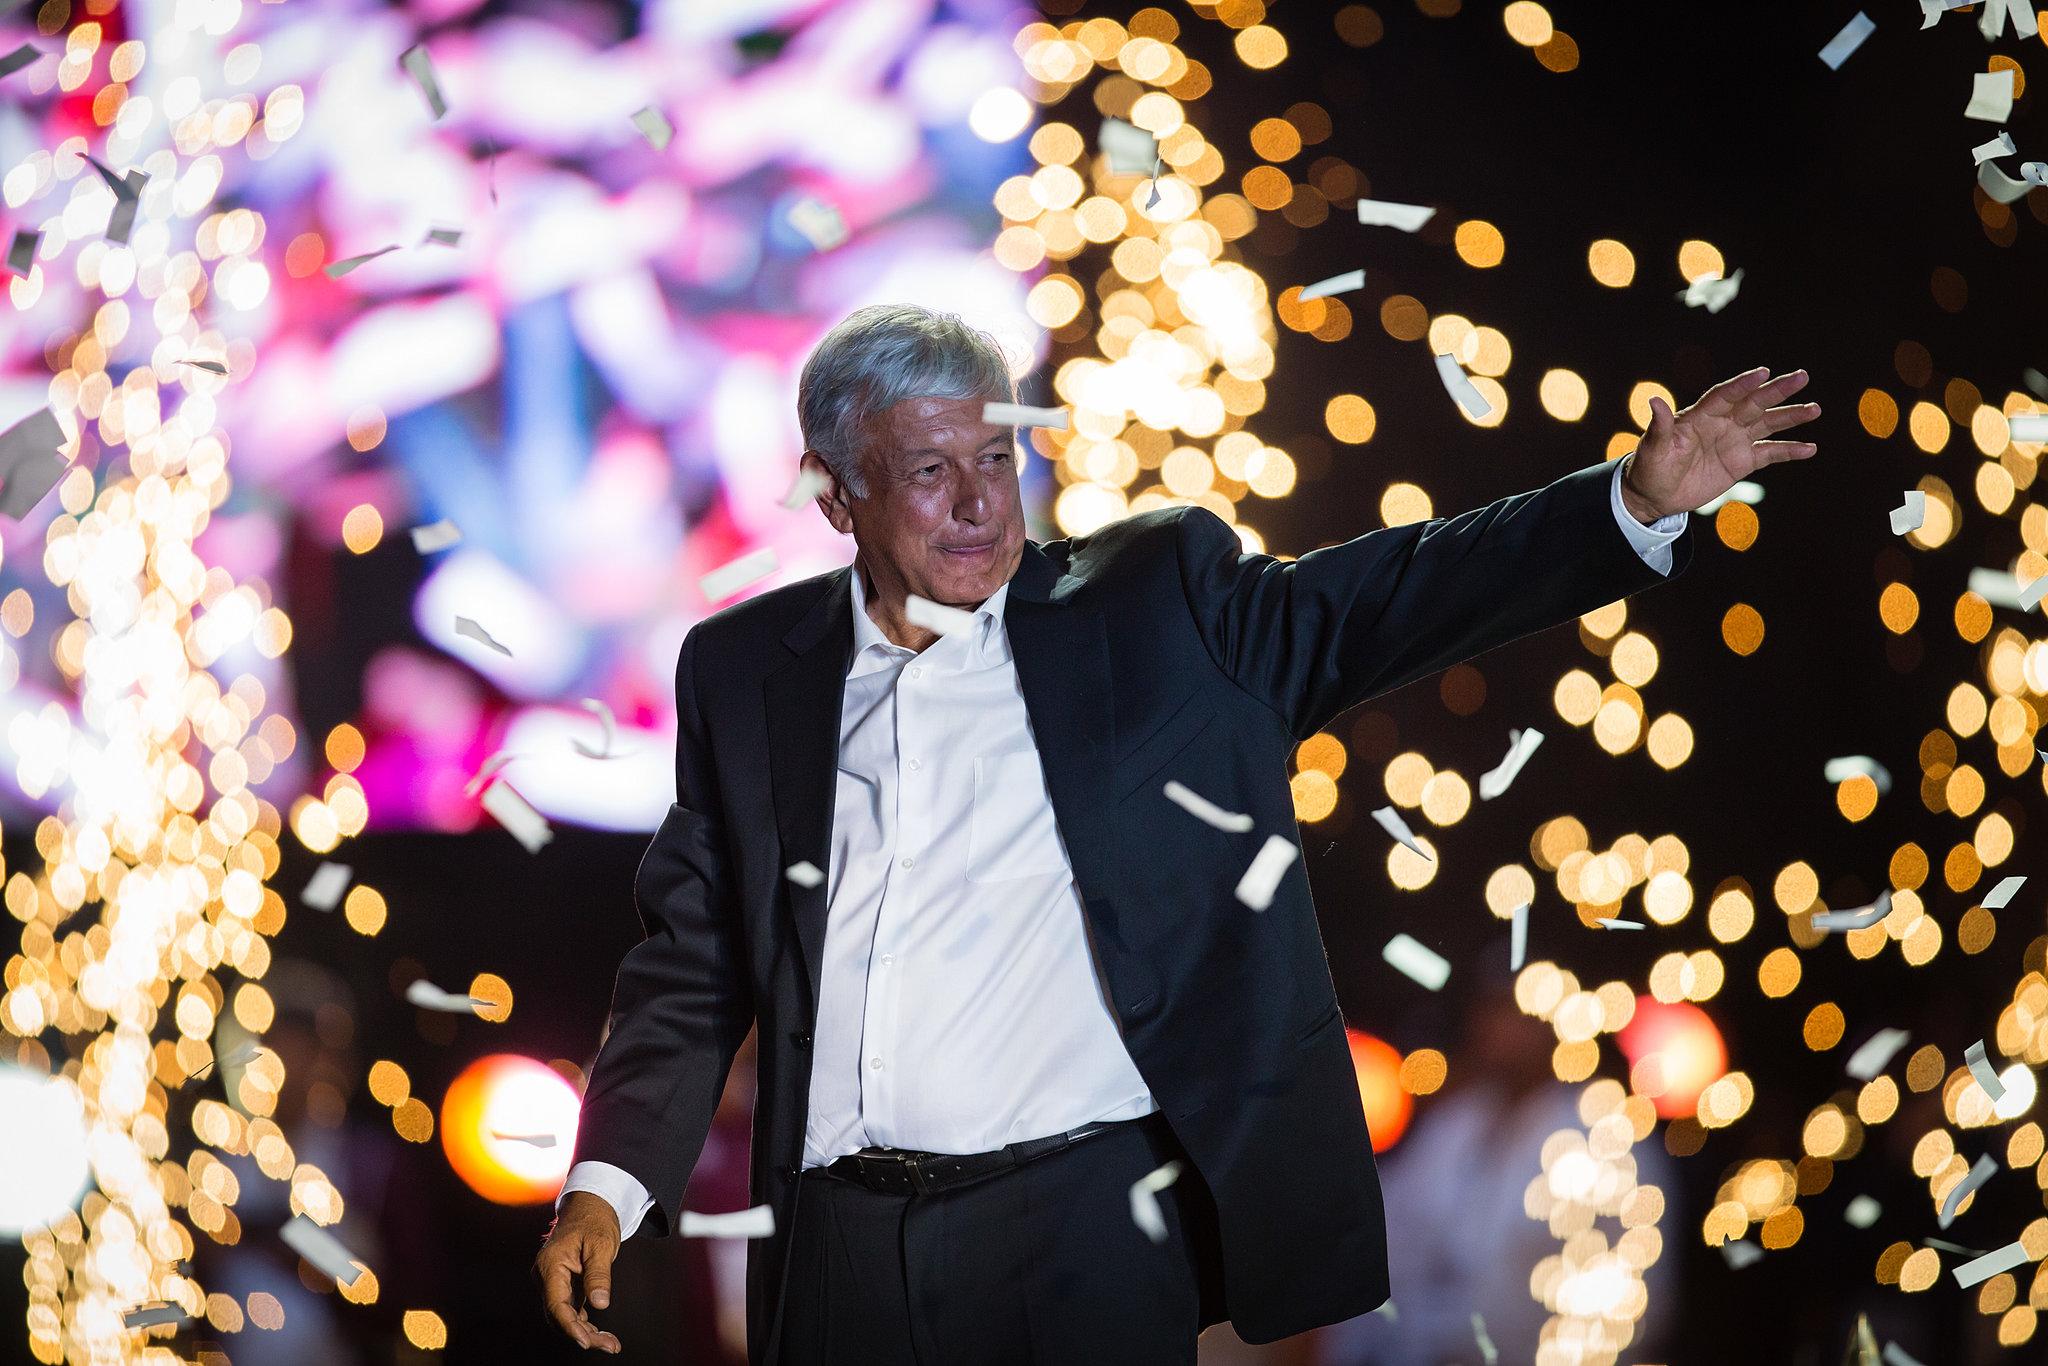 Funcionarios celebran segundo aniversario del triunfo electoral